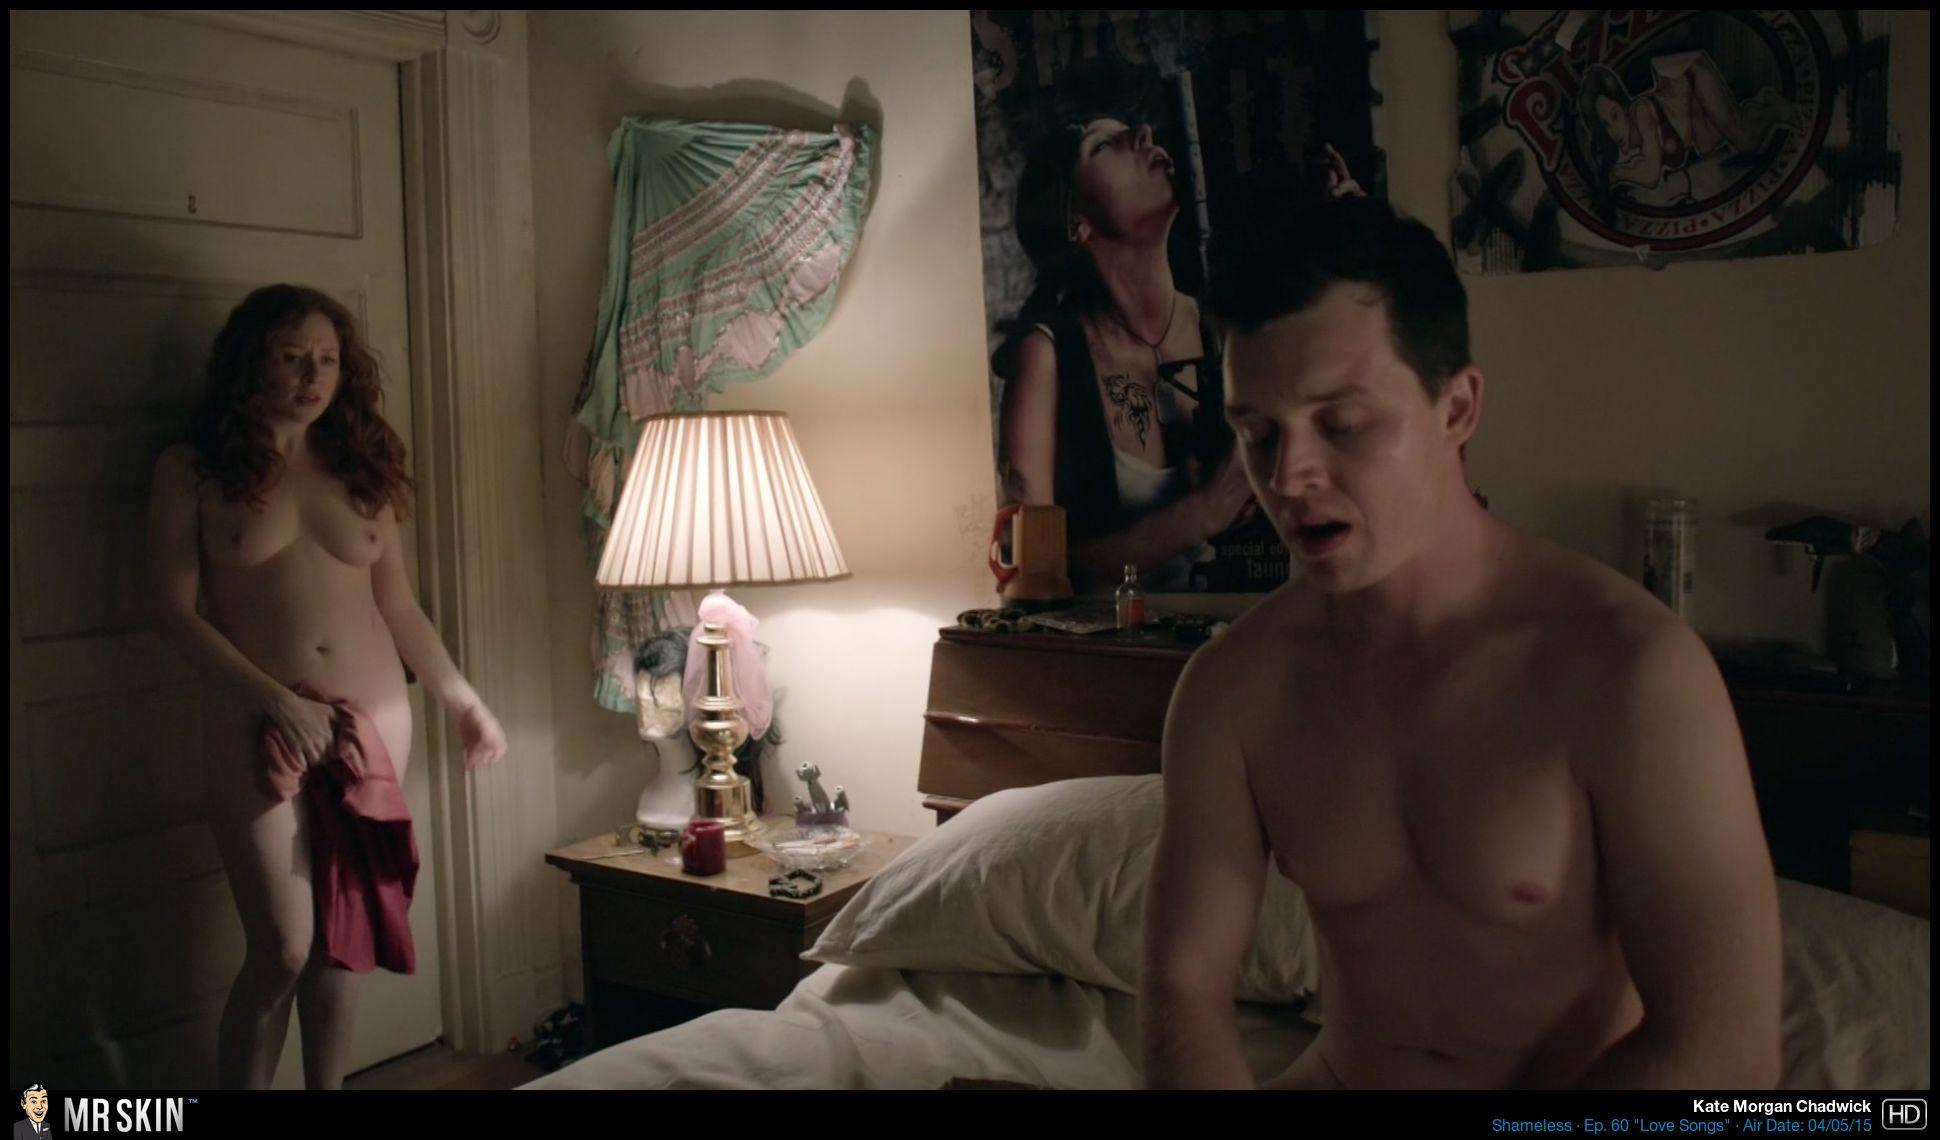 Бесстыжие эротические сцены - Секс фильмы для подлинных любителей секса